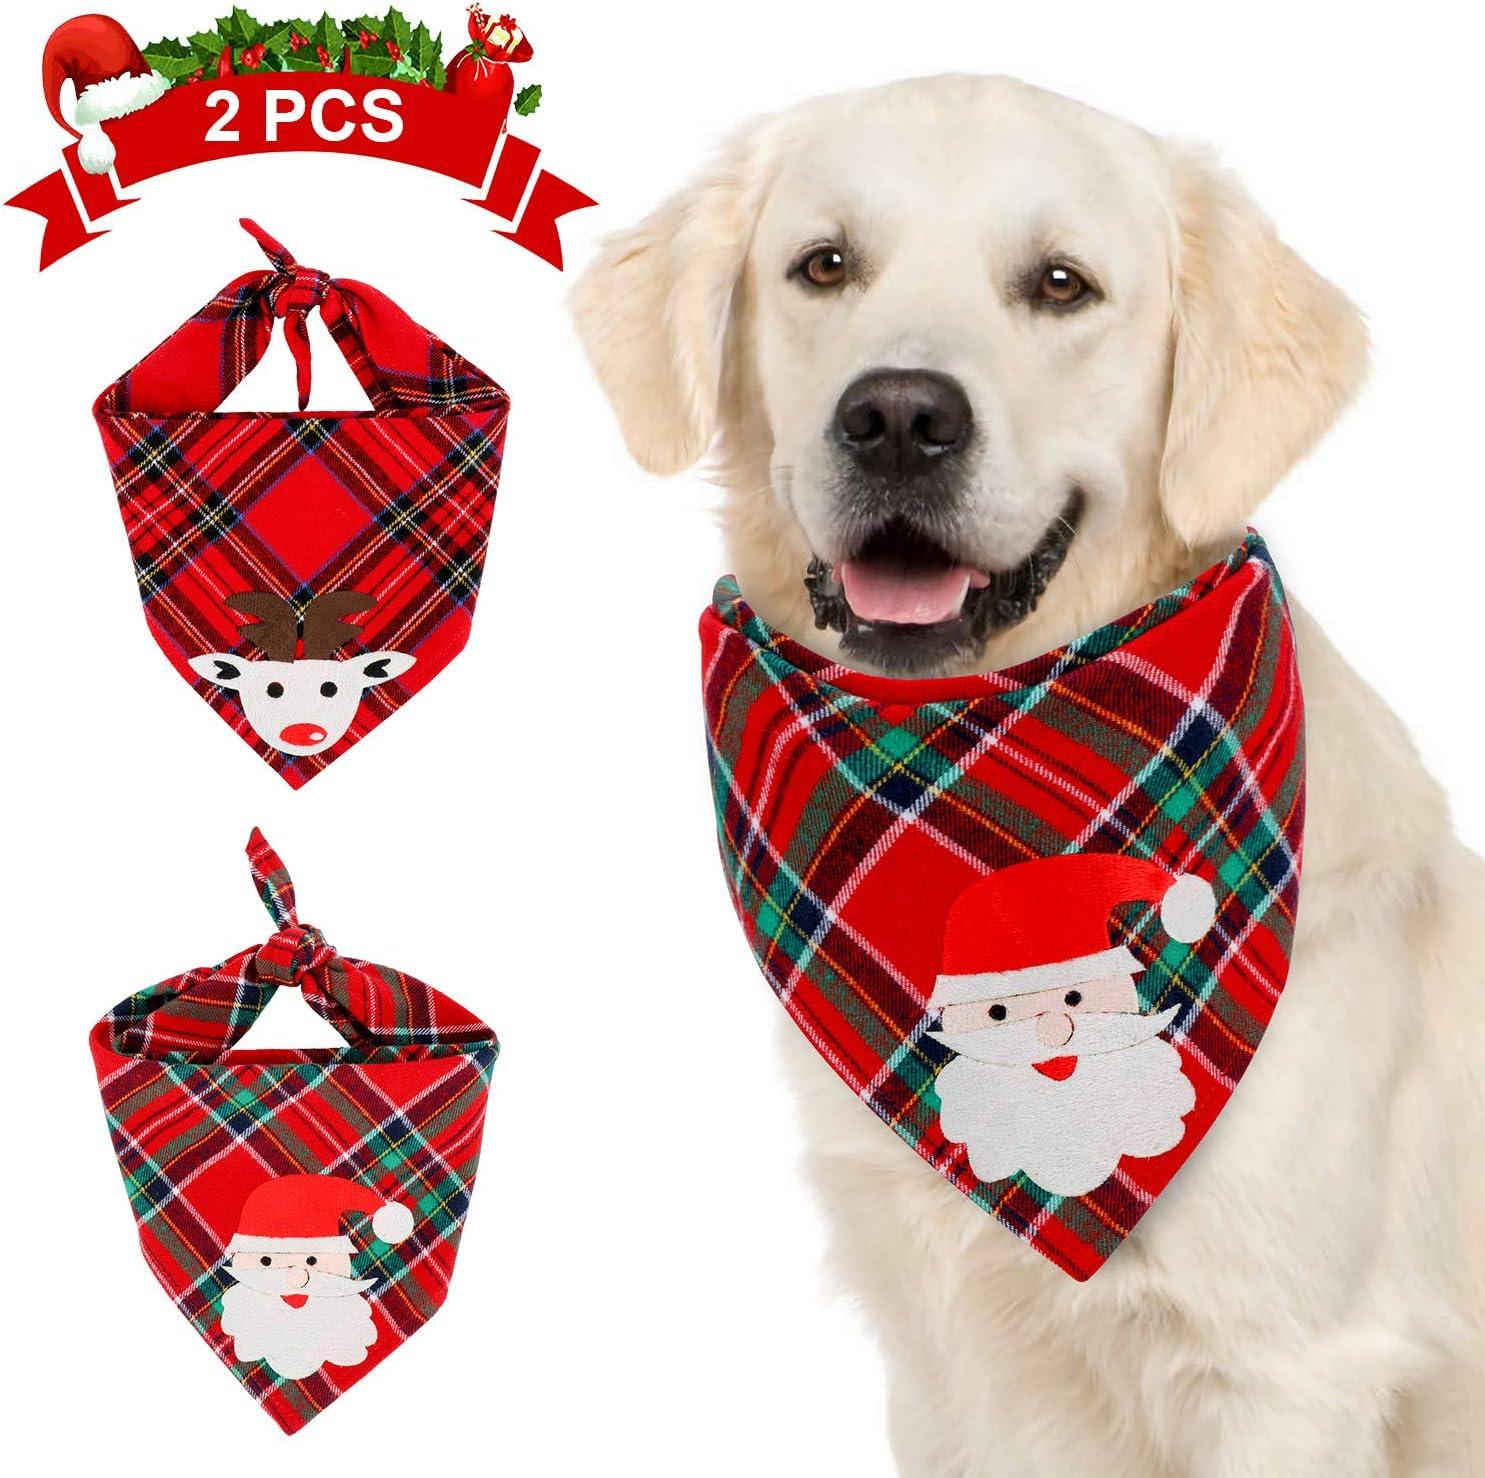 QKURT 2 Translated PCS Christmas Bandana Dog Boston Mall Plaid Classic